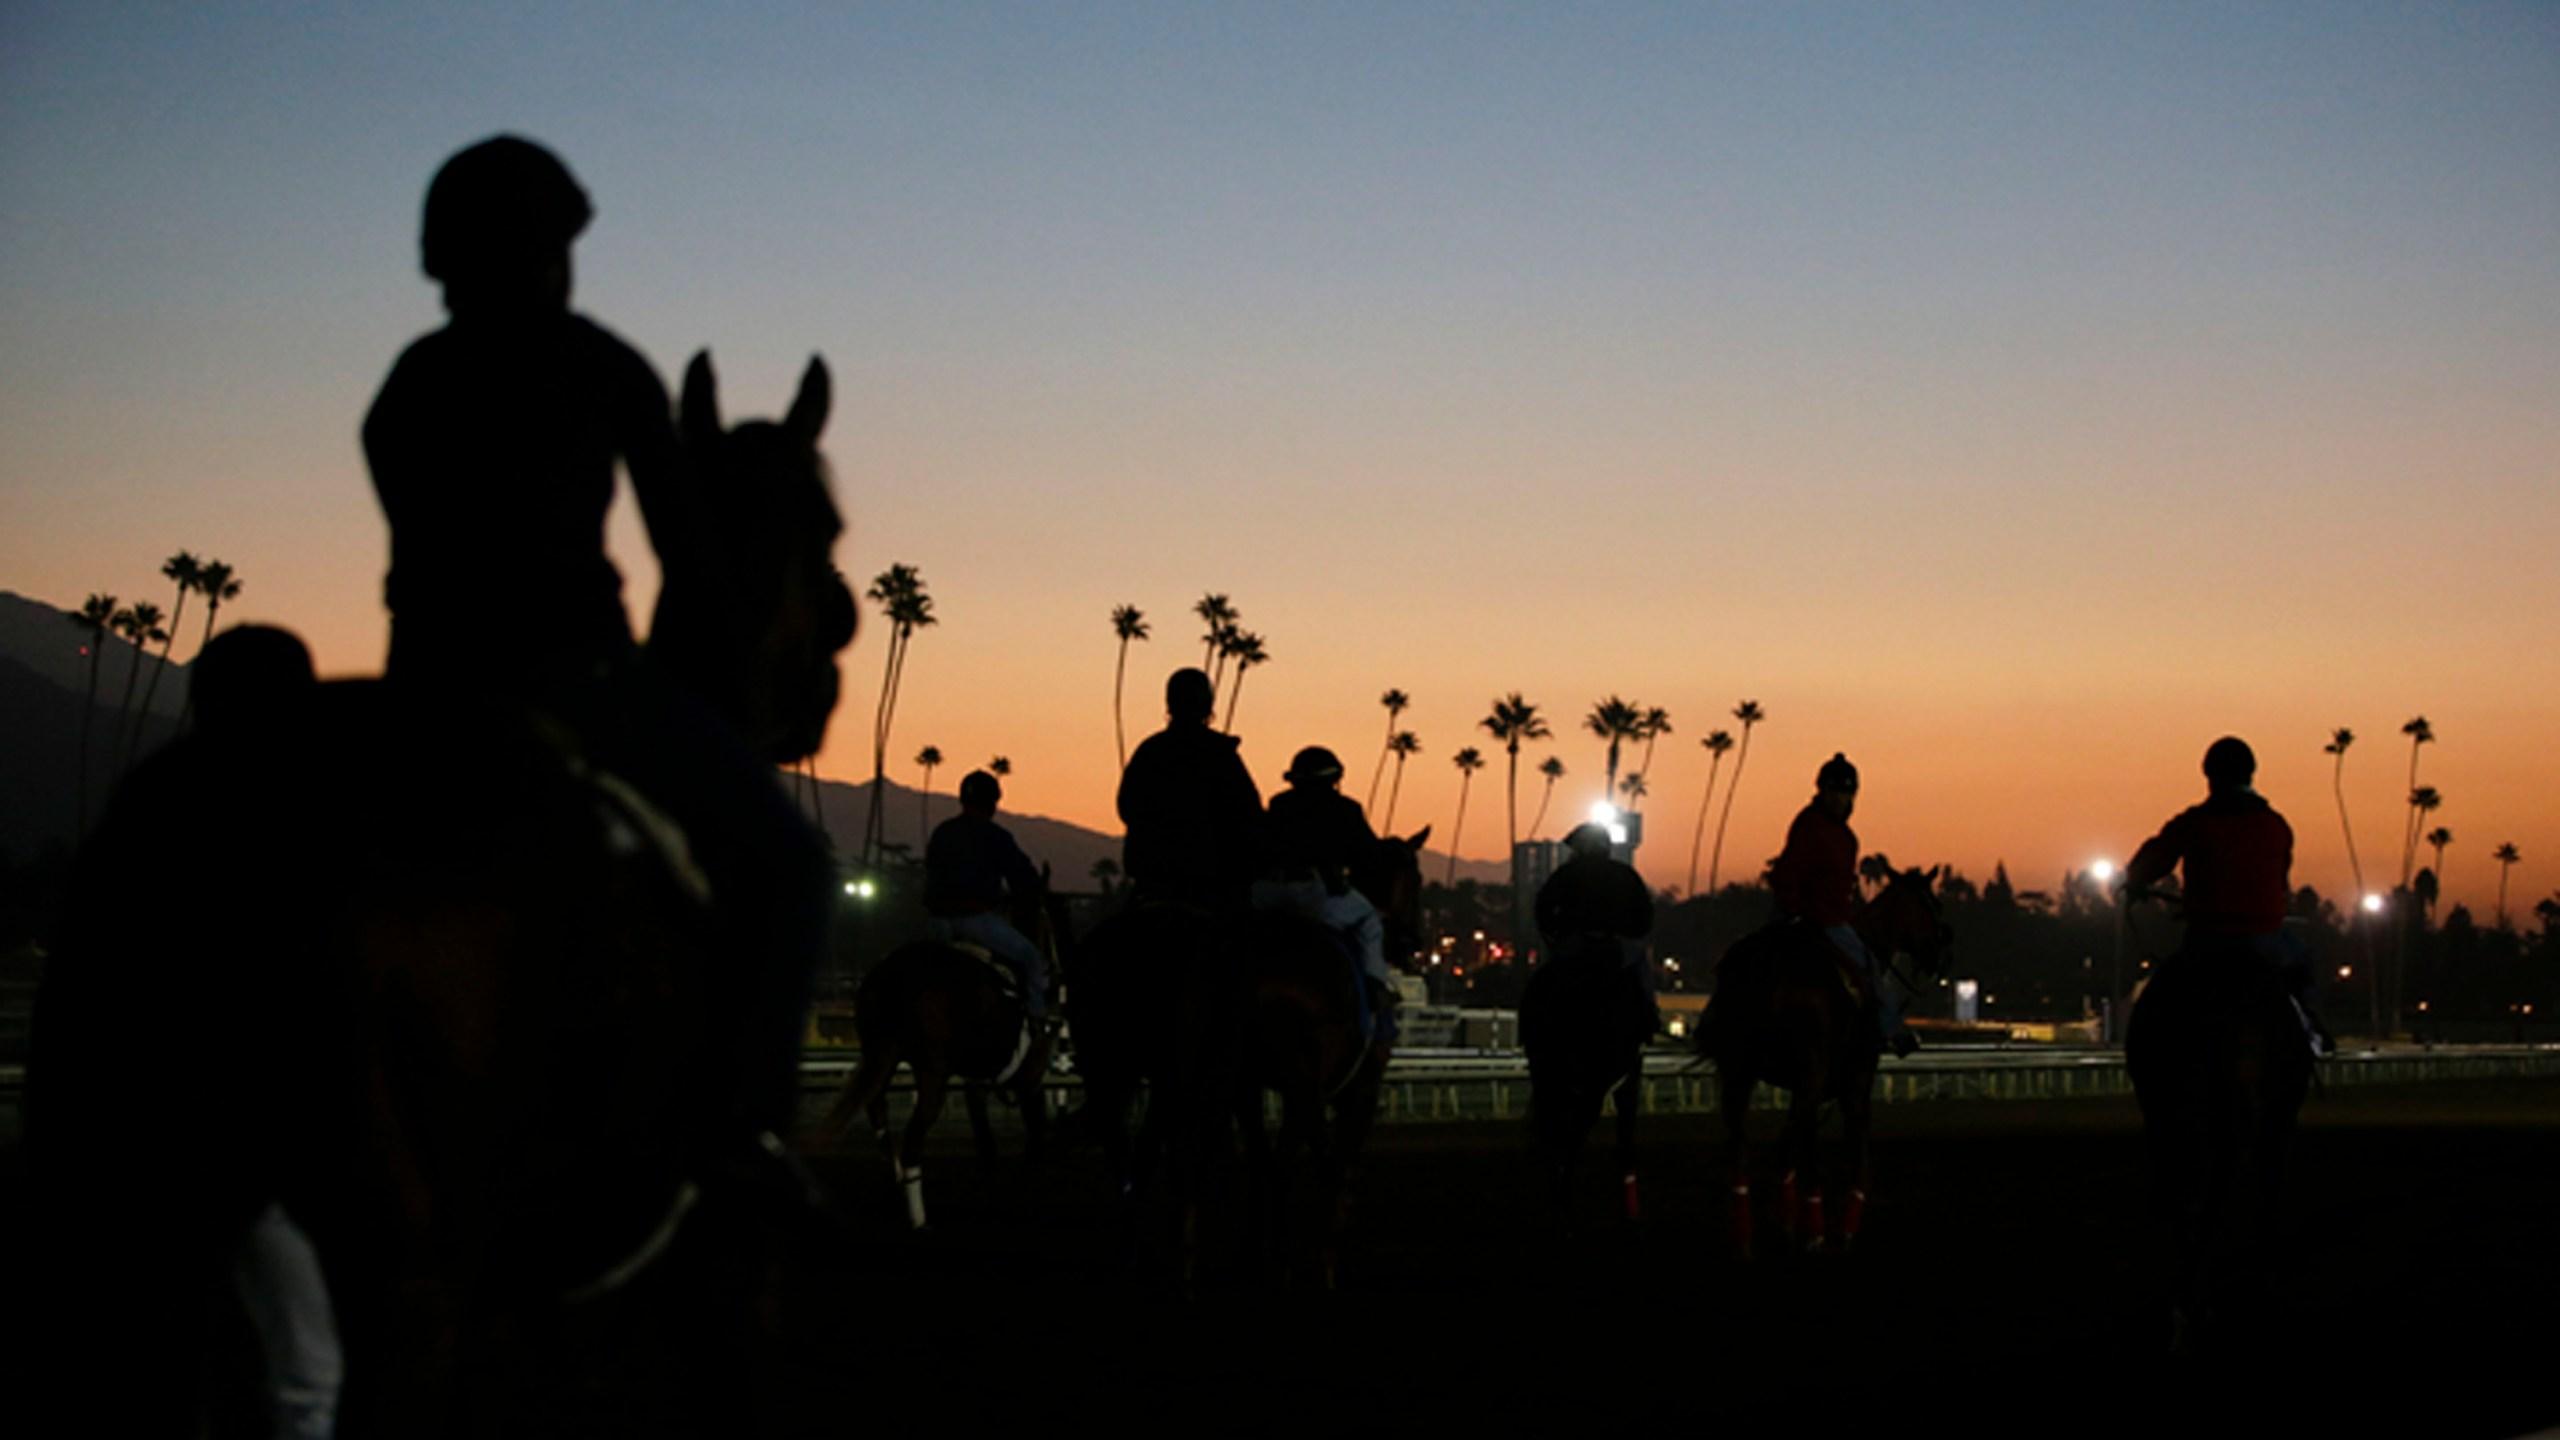 Santa_Anita_Fatalities_Horse_Racing_19699-159532.jpg01174557